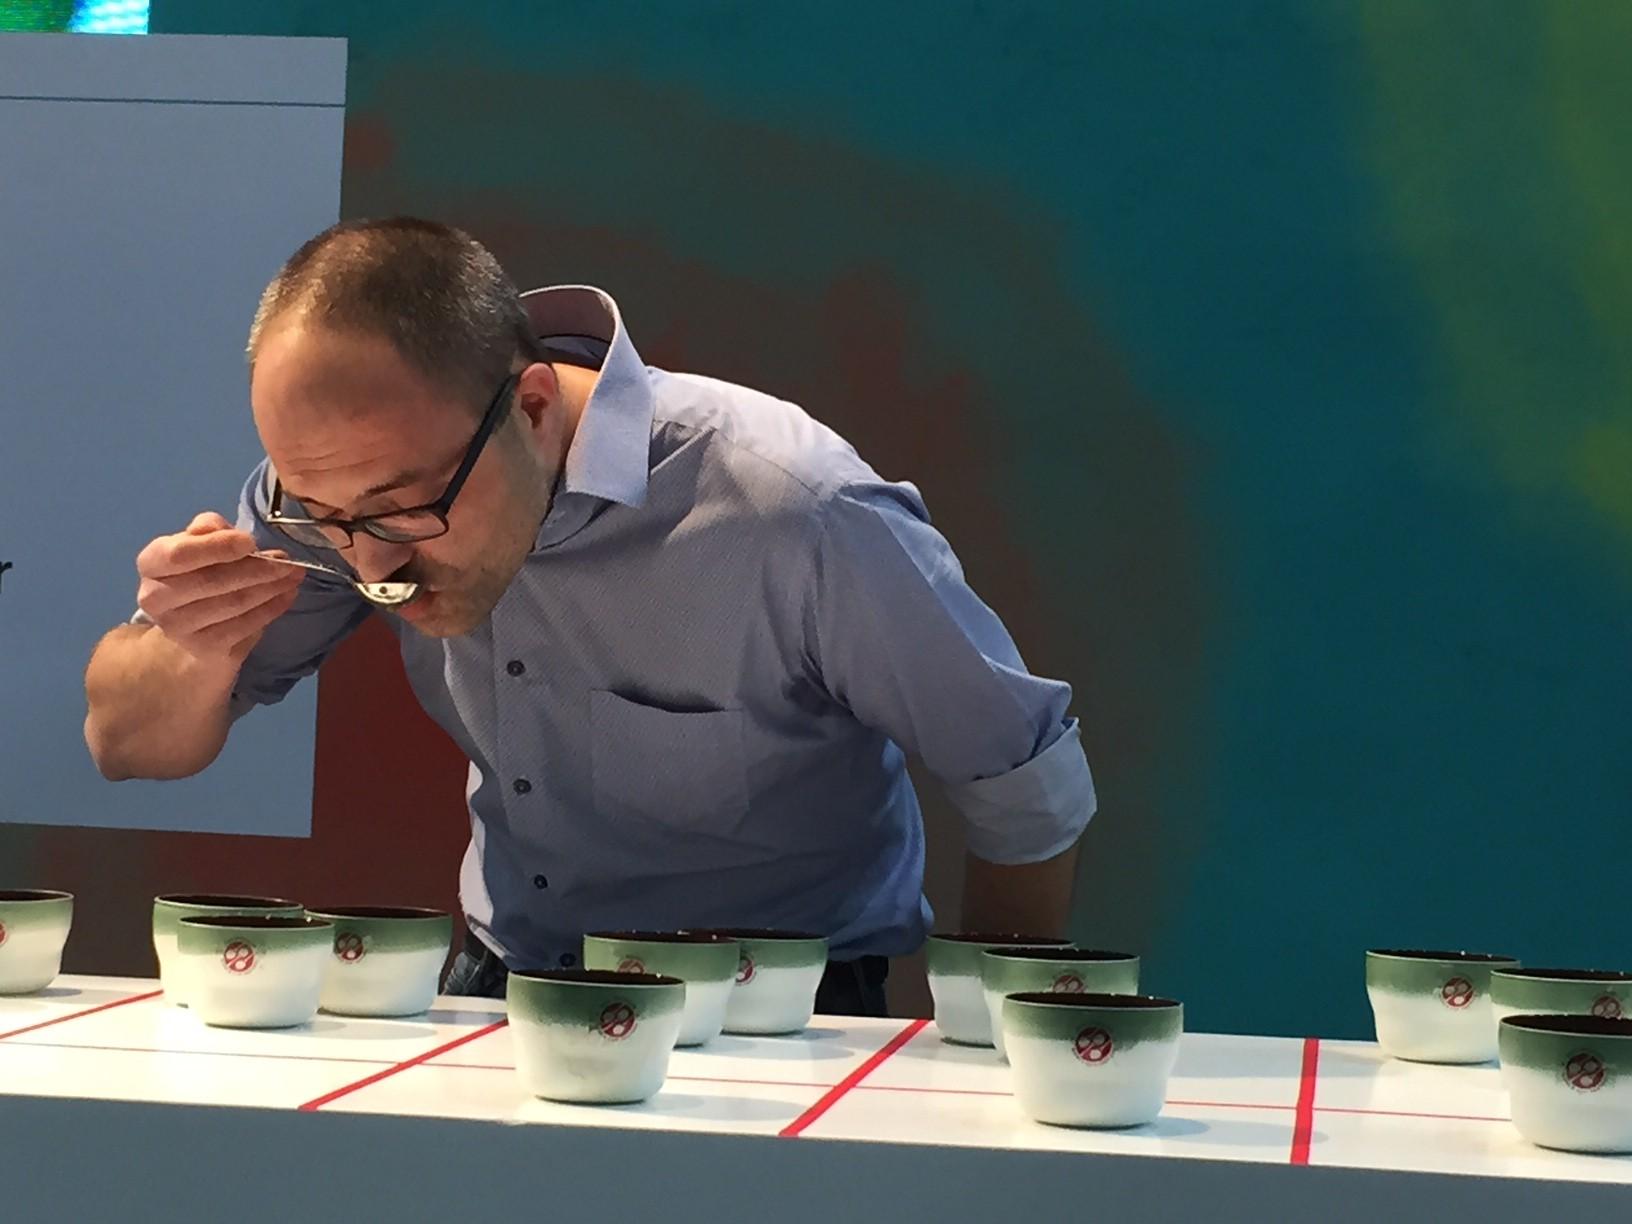 WereldKampioenschap CupTasting 2016 Shanghai